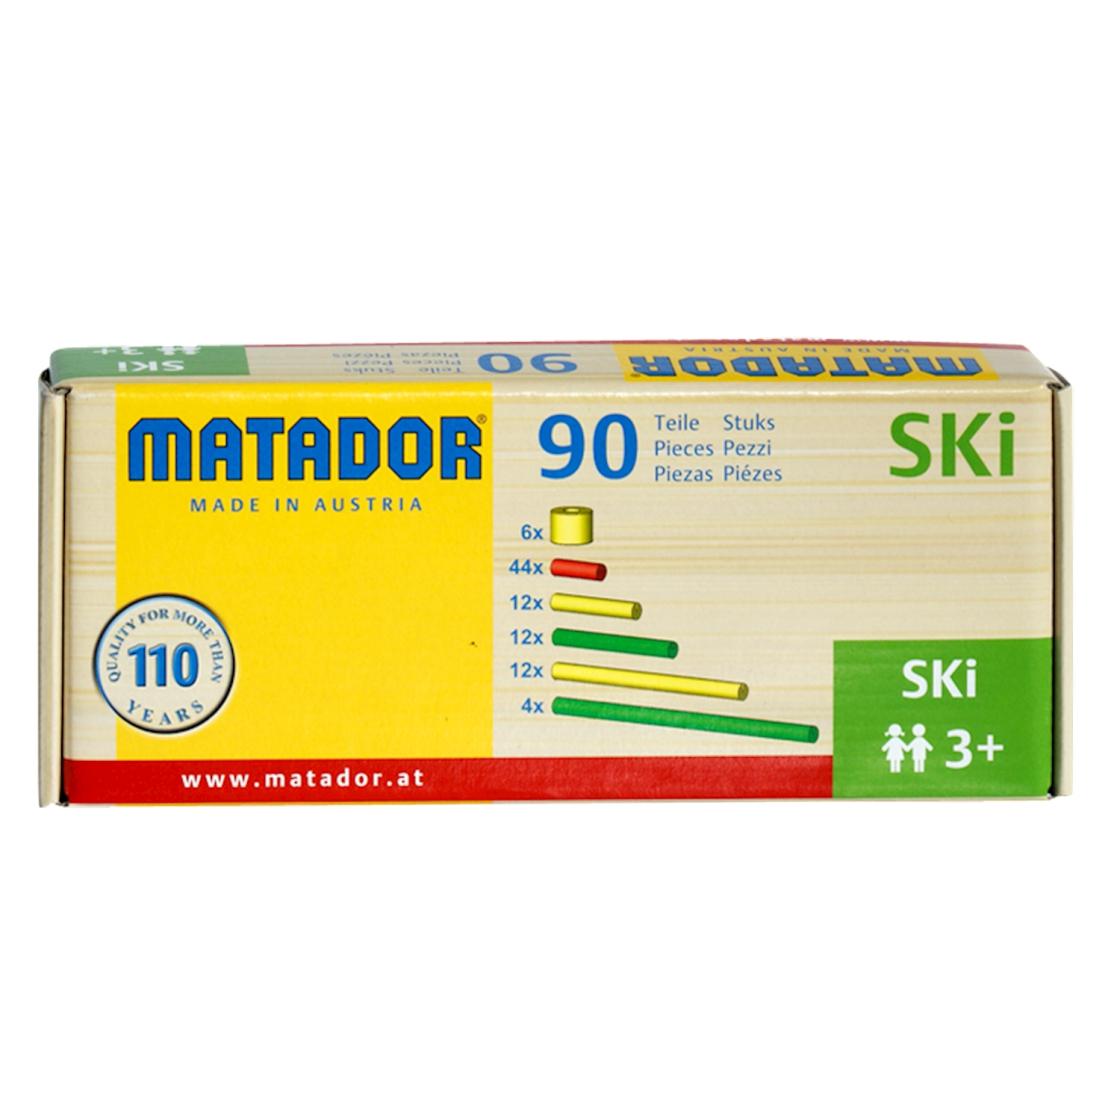 Matador M100 Maker Baukasten 70-teilig Holz NEU Baukästen & Konstruktion #